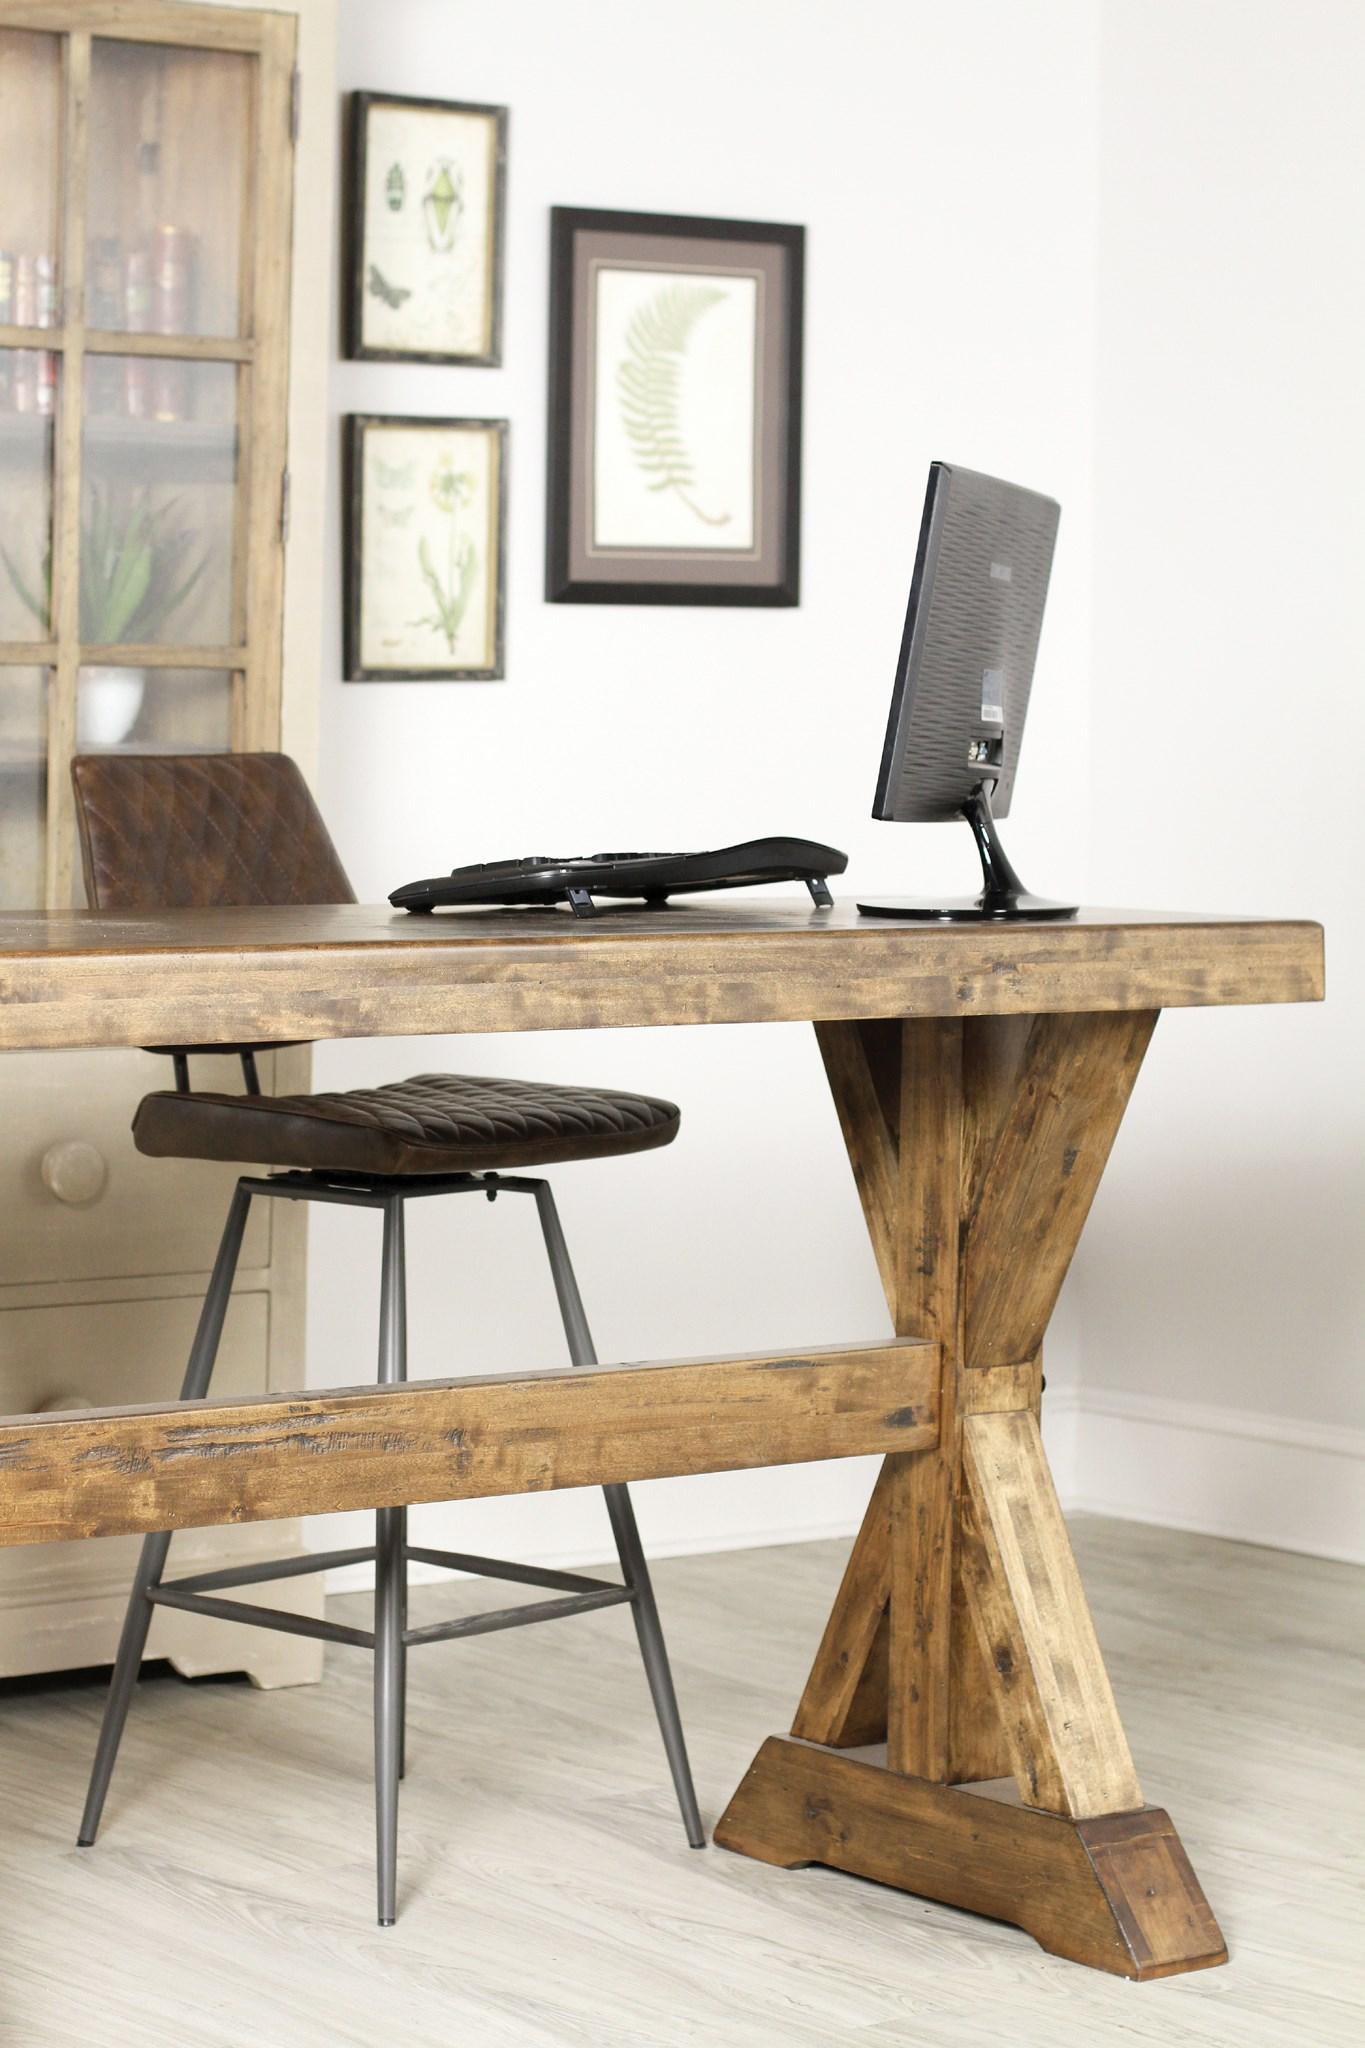 Aspen Work Table 60